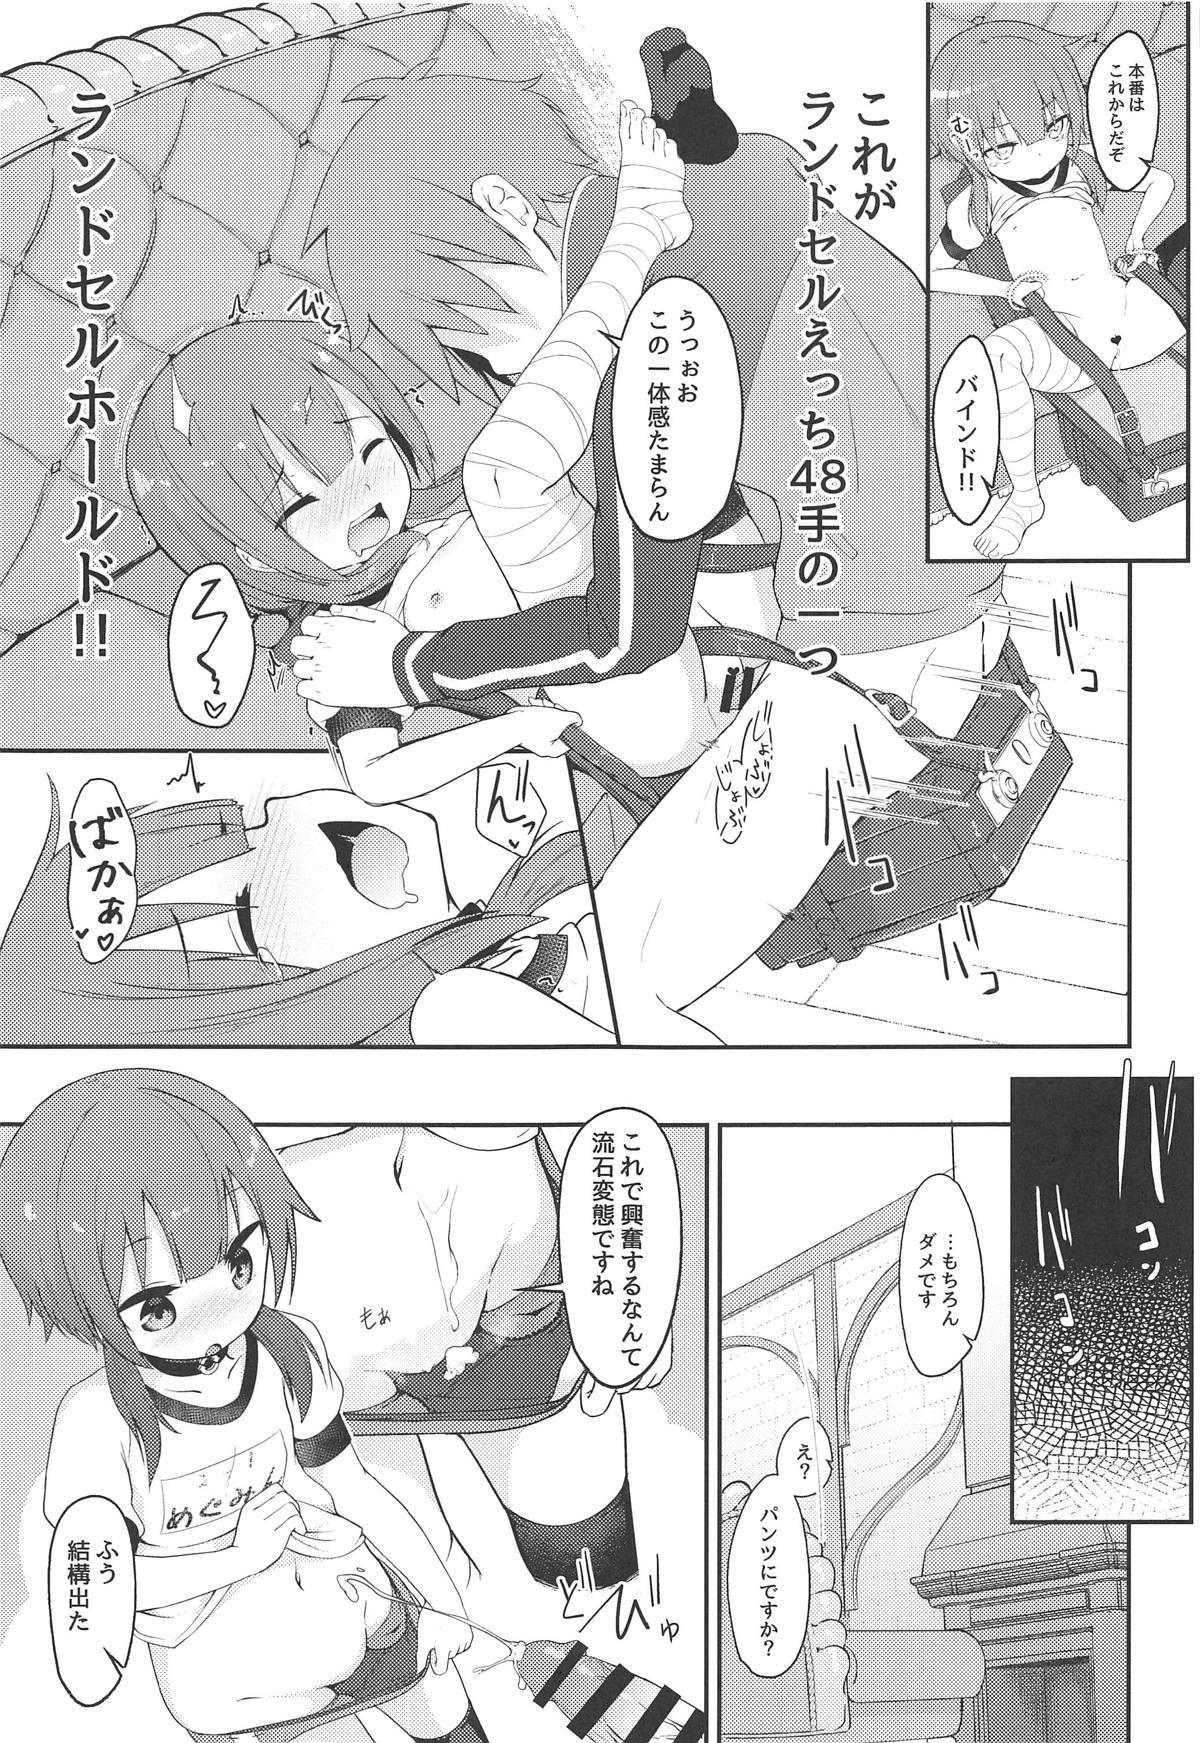 Lolikko Megumin o Kouryaku Seyo! 21